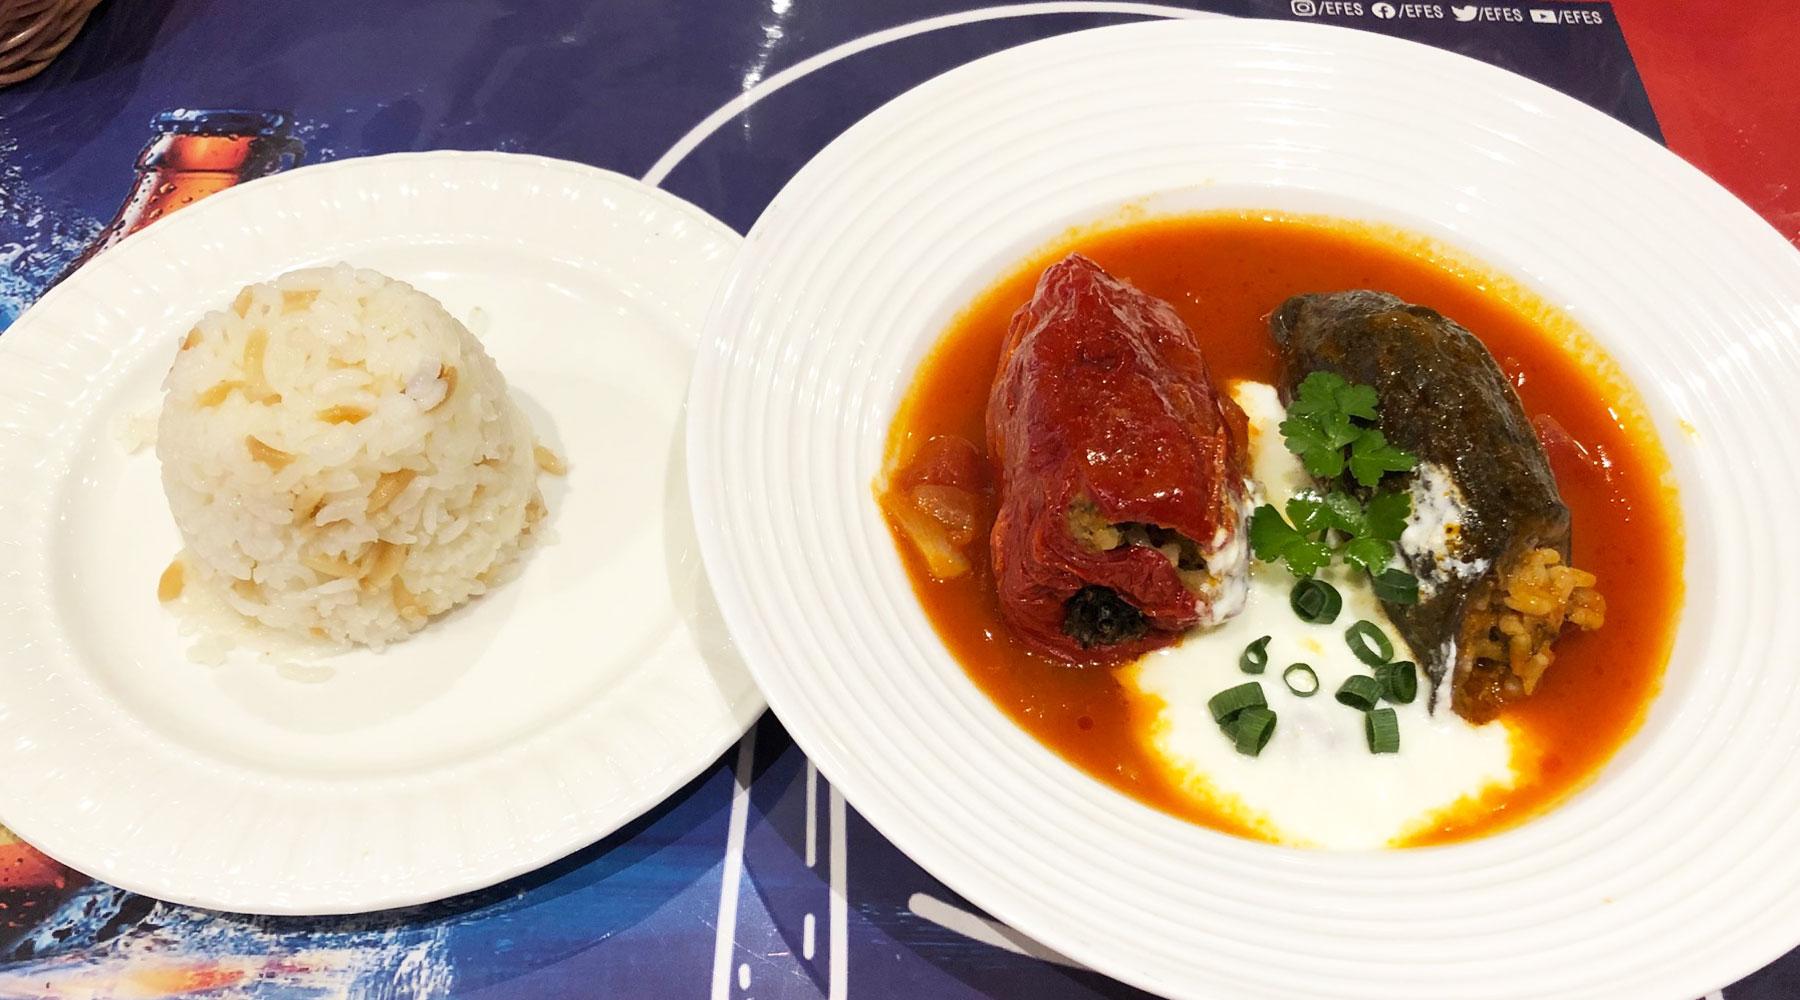 浦和のトルコ料理アセナ・ドルマとピラフ